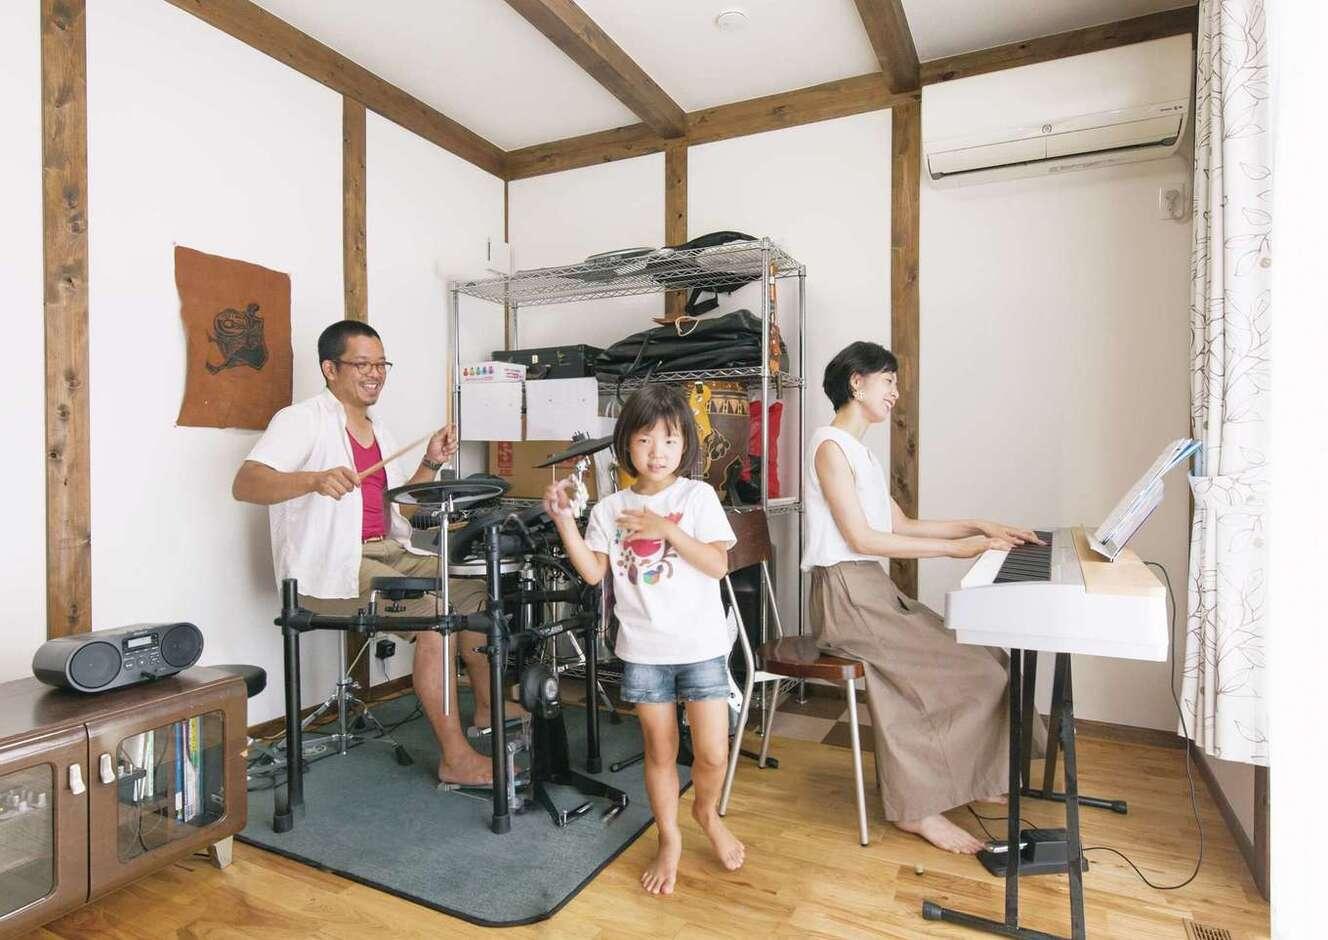 サイエンスホーム甲府店・笛吹店【デザイン住宅、子育て、自然素材】南側にアパートがあり、視線を遮るためにつくった楽器室。パパはドラム、ママはピアノを弾き、長女が歌う。将来はお母さまと同居するときに使い、その後は主寝室にもなる